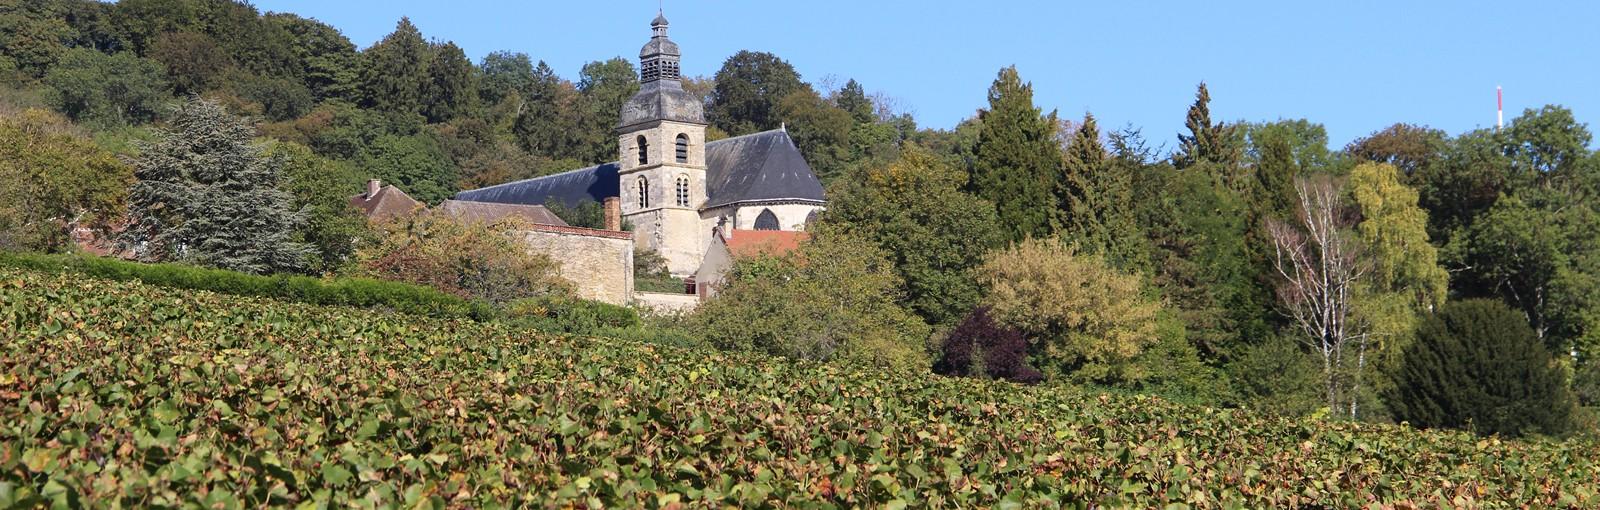 Tours Reims - Champagne - Journées complètes - Tours au départ de Paris